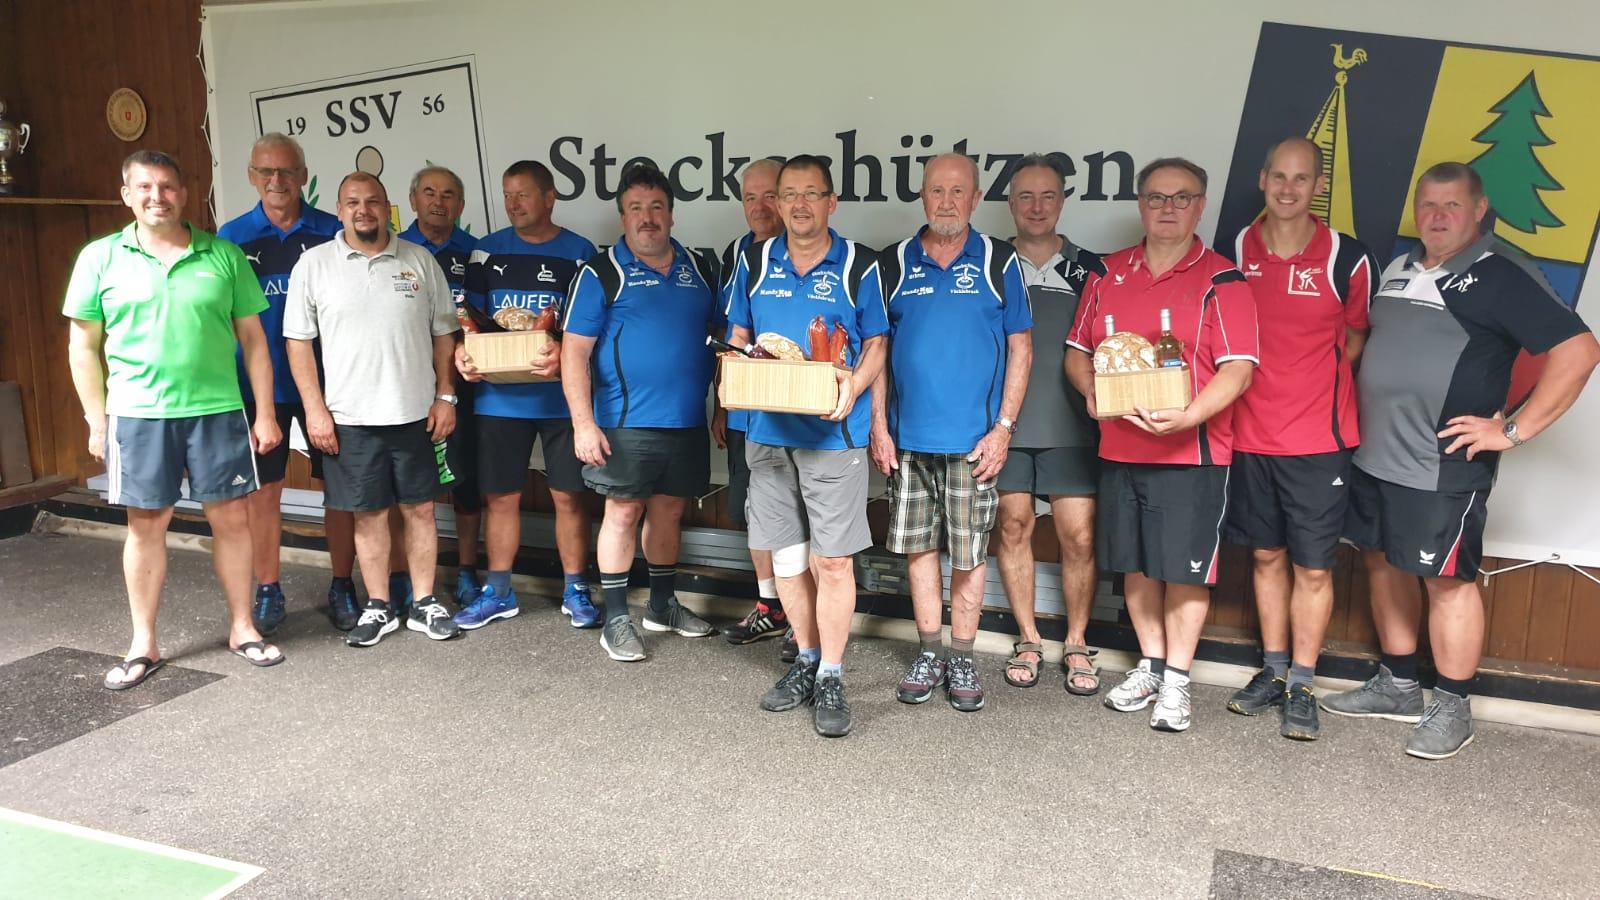 Turnier Donnerstag 27.6.19 - 2. Union Gschwandt, Sieger ASKÖ Dürnau, 3. ASKÖ Vorchdorf